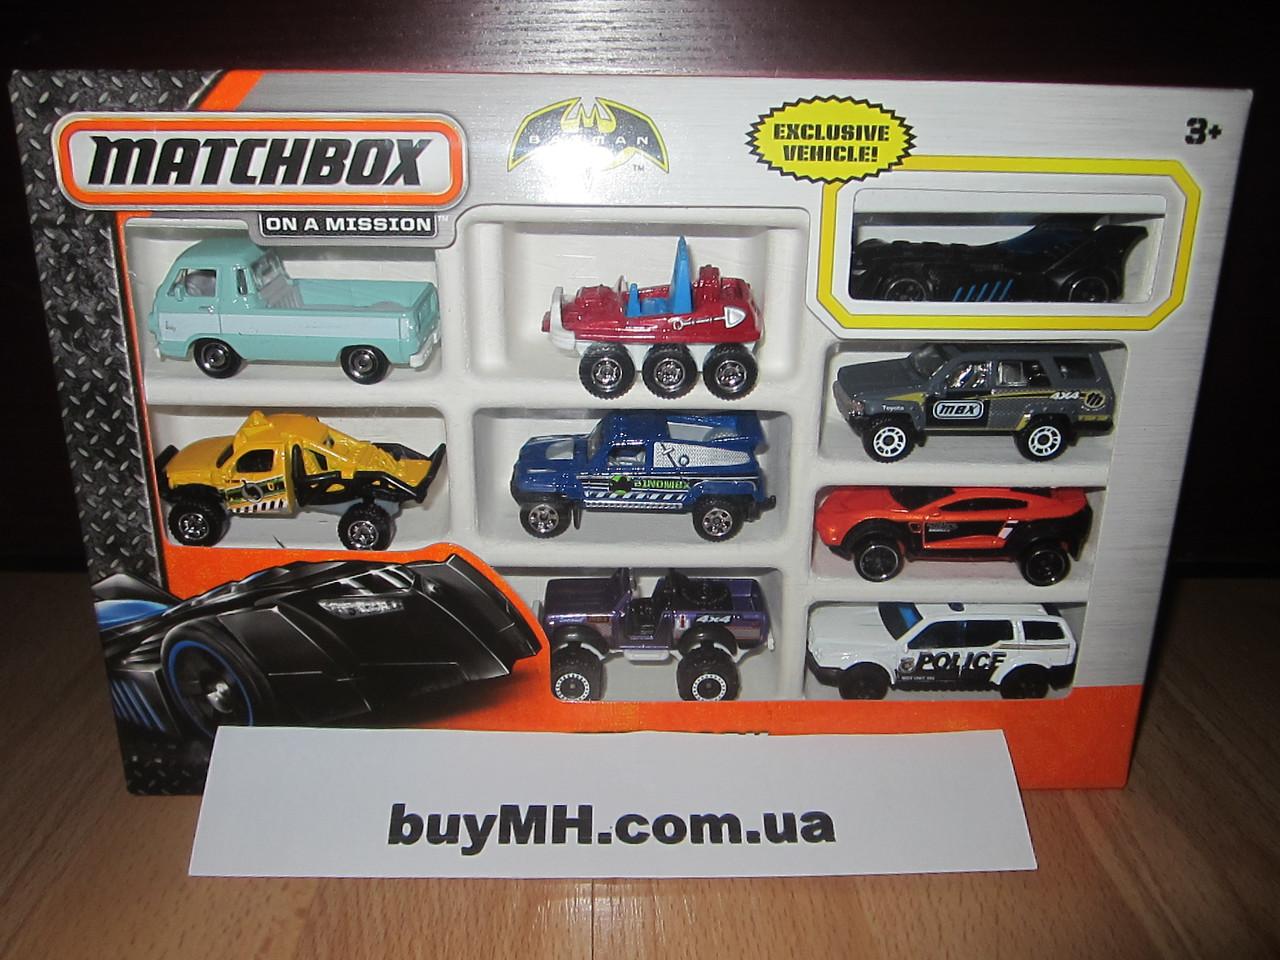 Подарочный набор из 9 машинок Матчбокс Matchbox 9 Car Gift Pack в ассортименте, фото 1